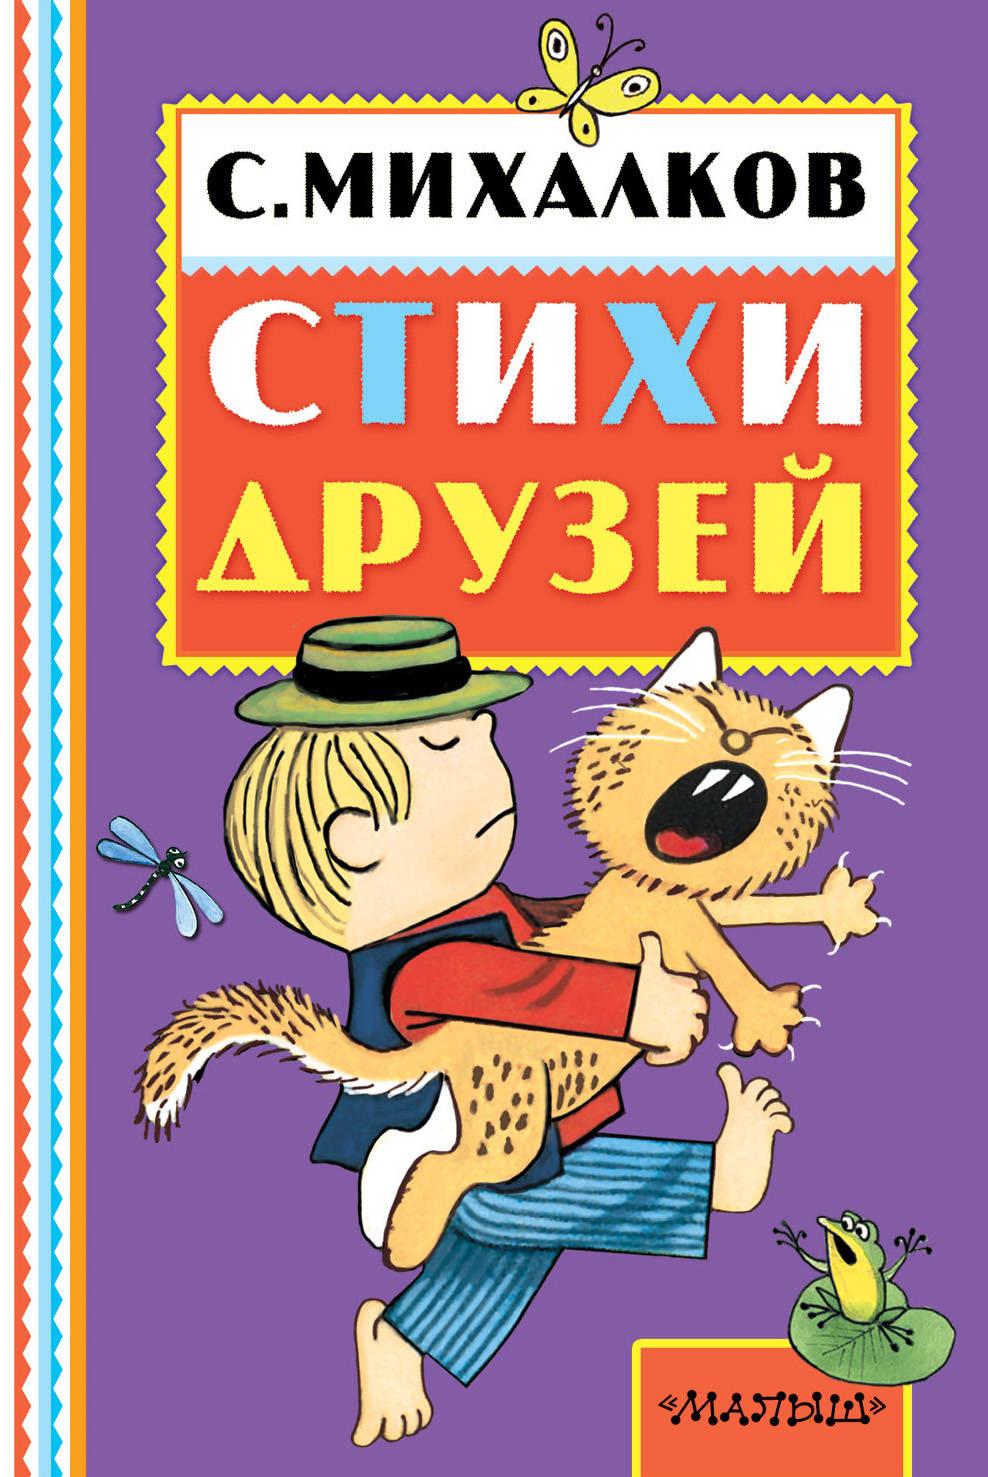 Сергей Михалков. Стихи друзей